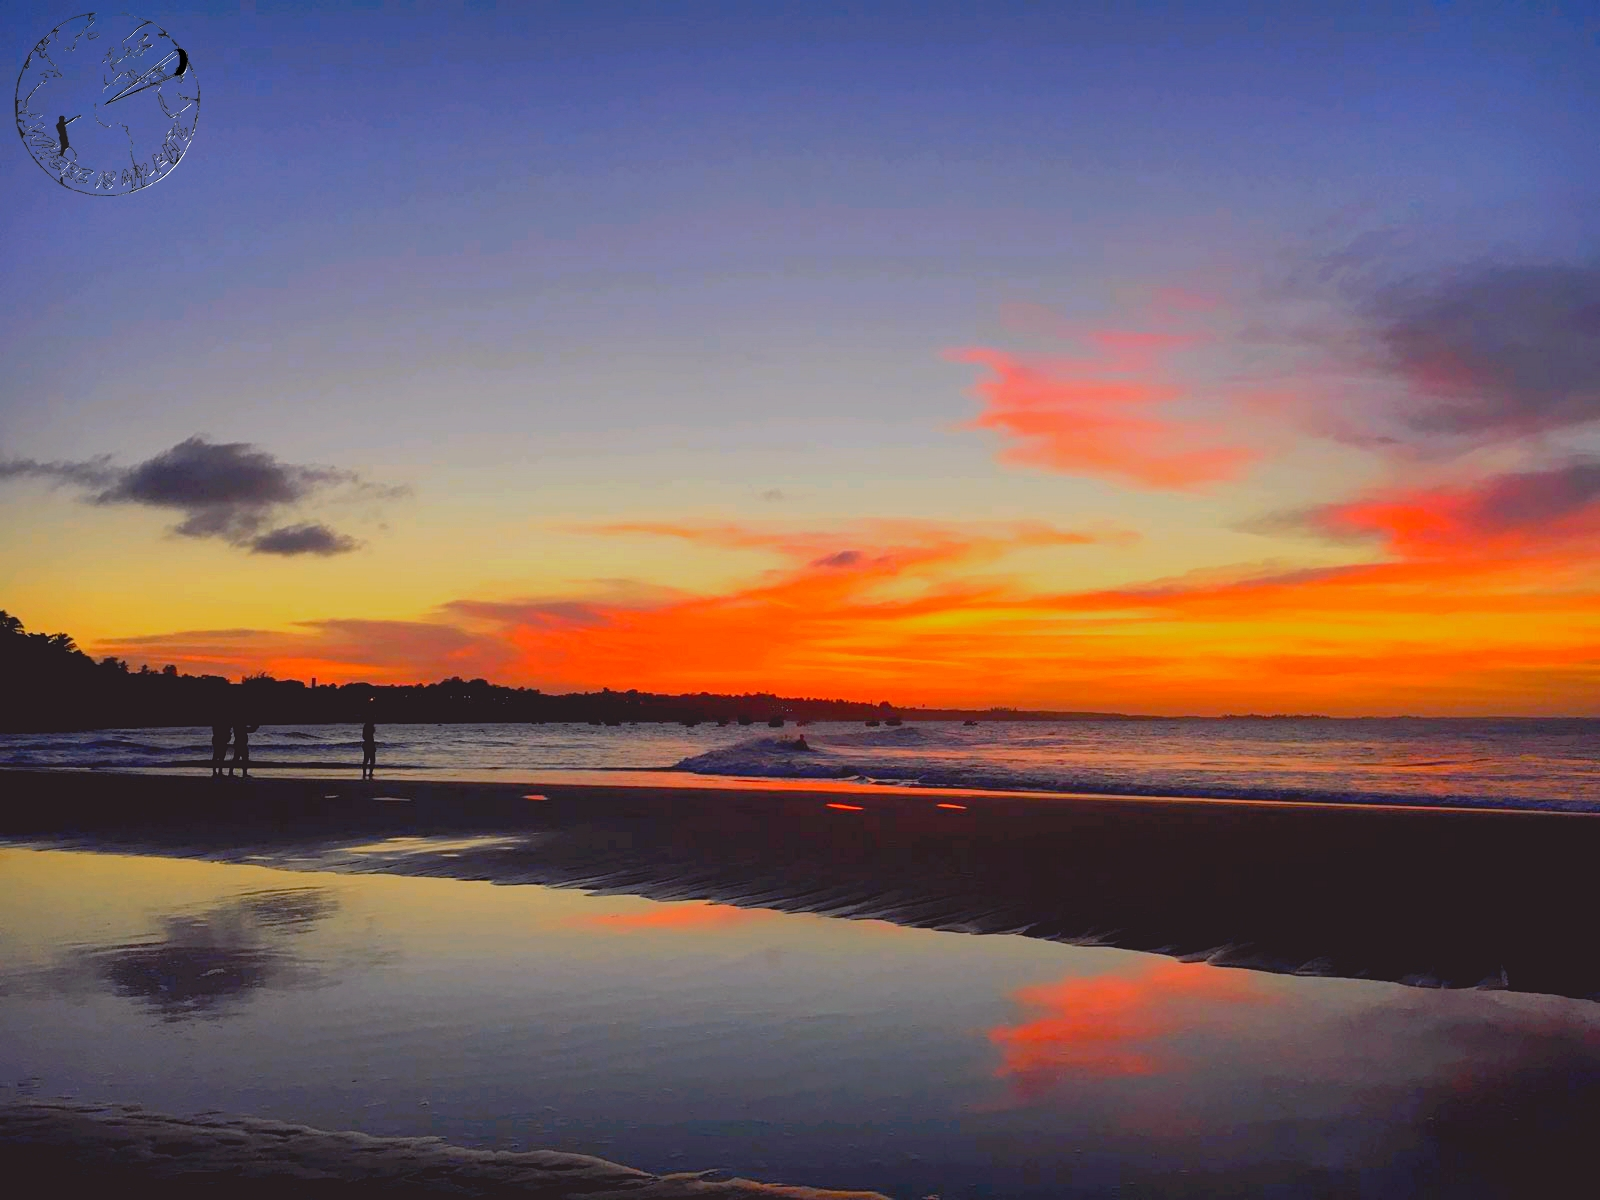 Plage de Paracuru au Brésil, sunset